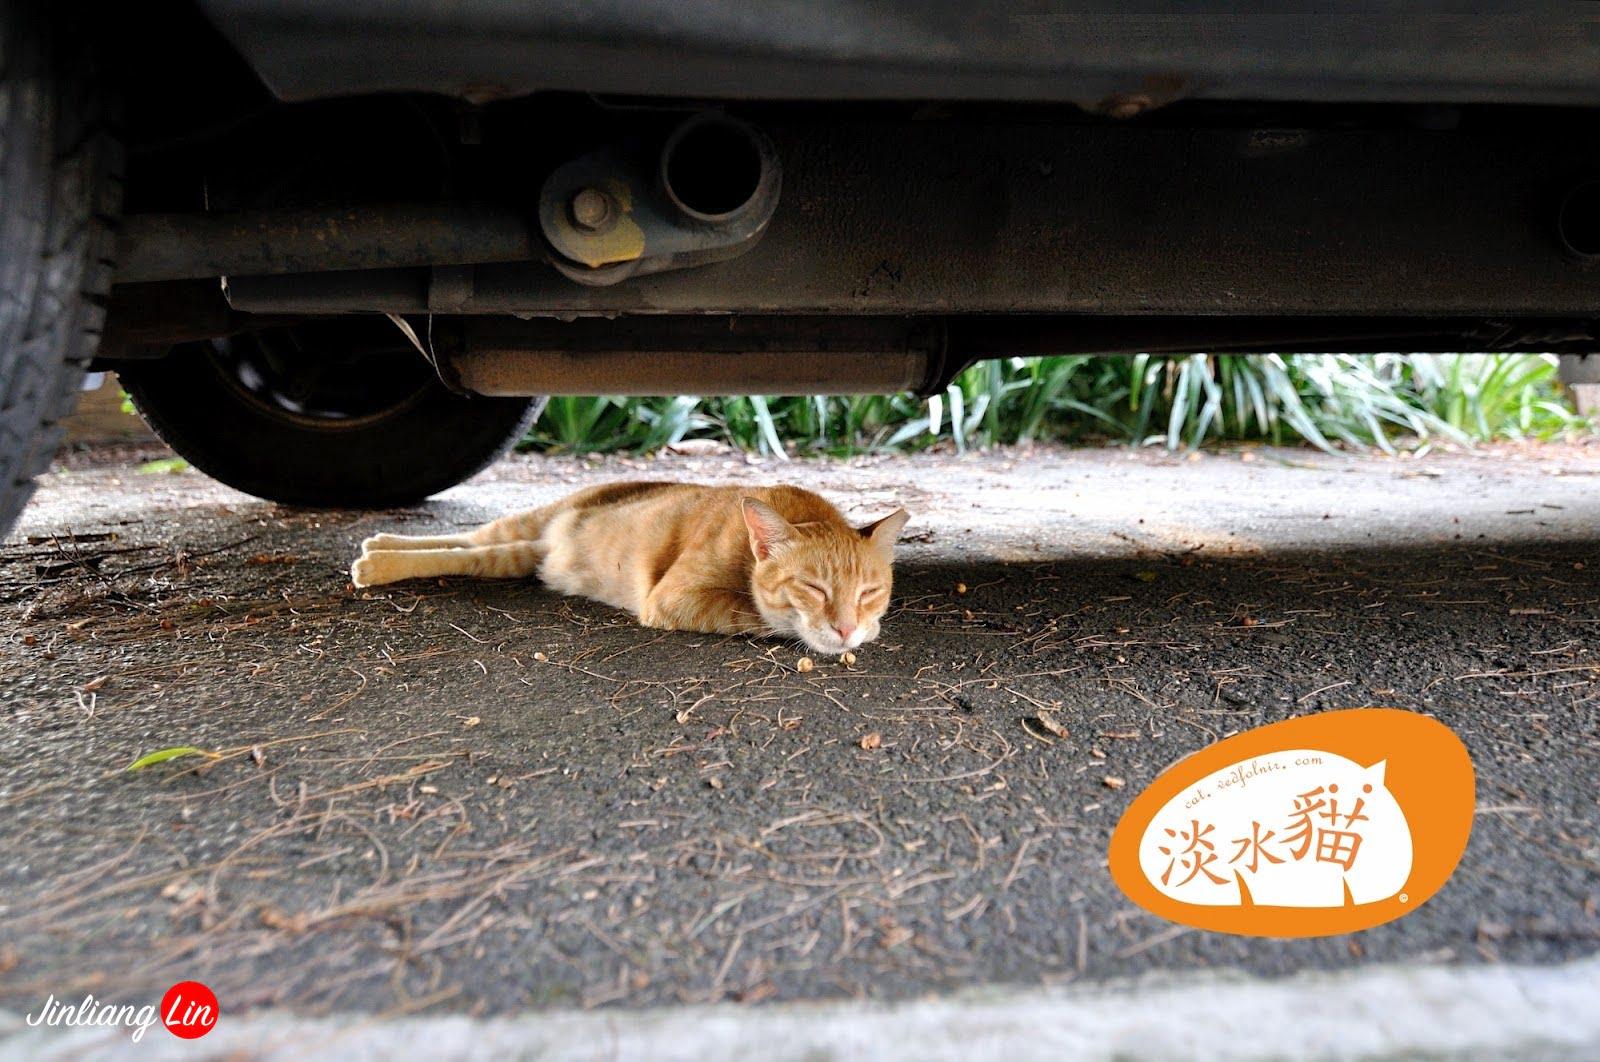 百貓物語:車下躺的不是熱狗,是淡水熱貓「小橘」